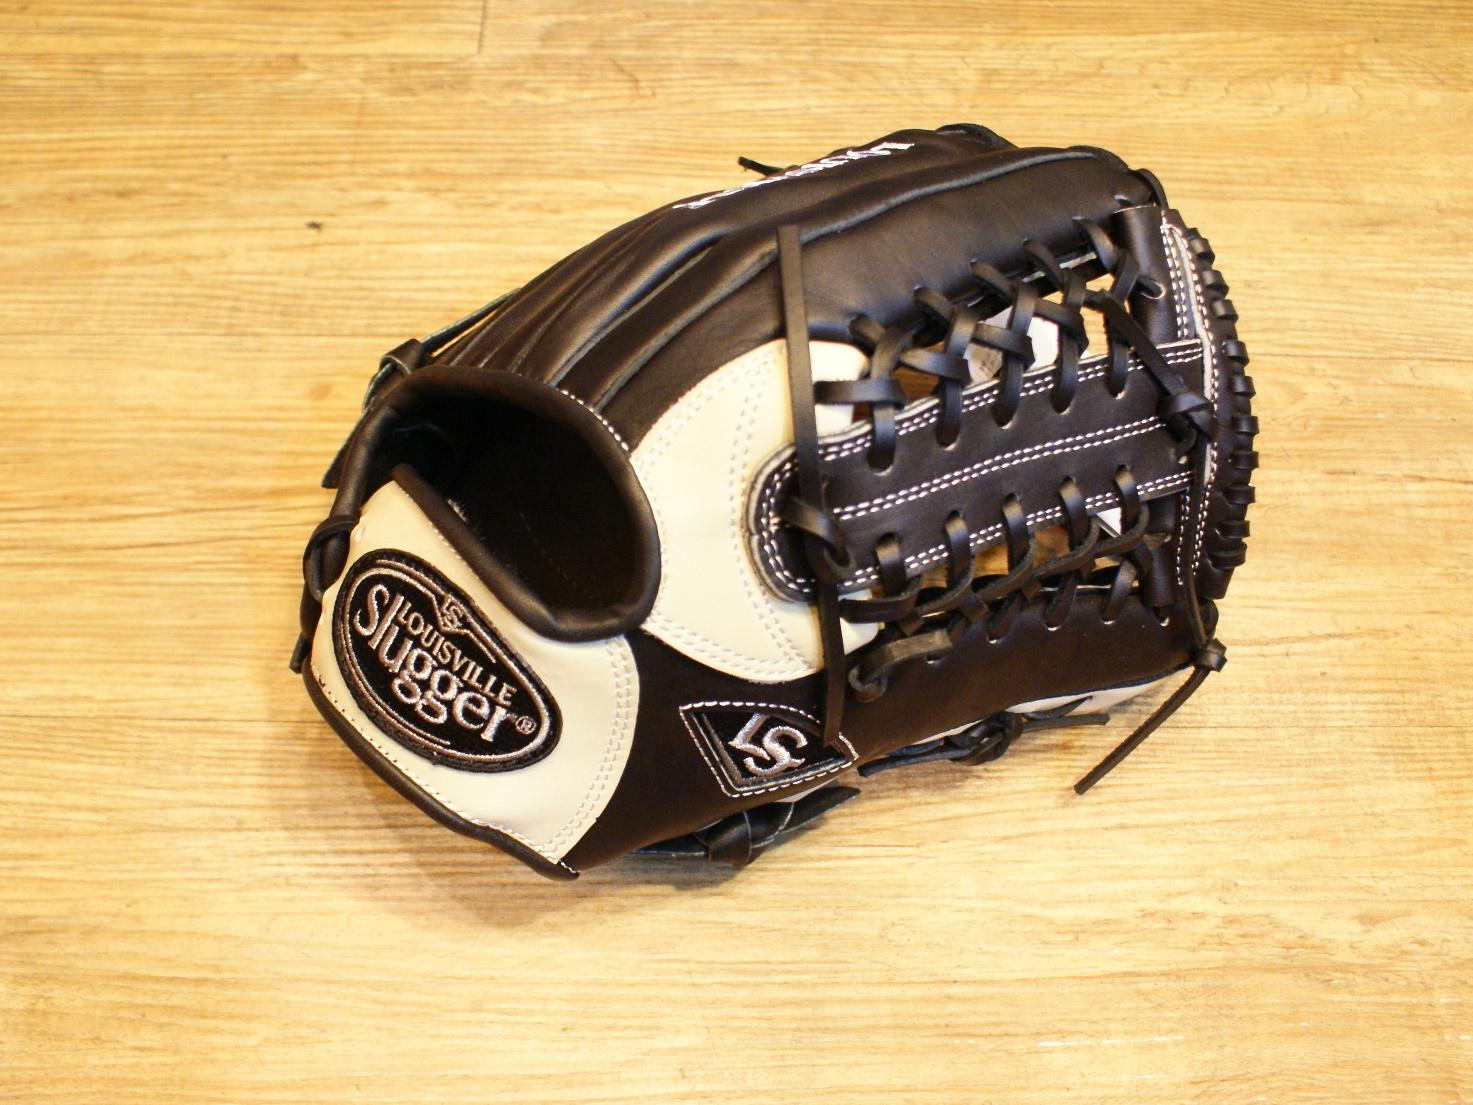 棒球世界 全新Louisville Slugger TPX 美國夢AD 系列 硬式棒壘手套 特價 內野T網